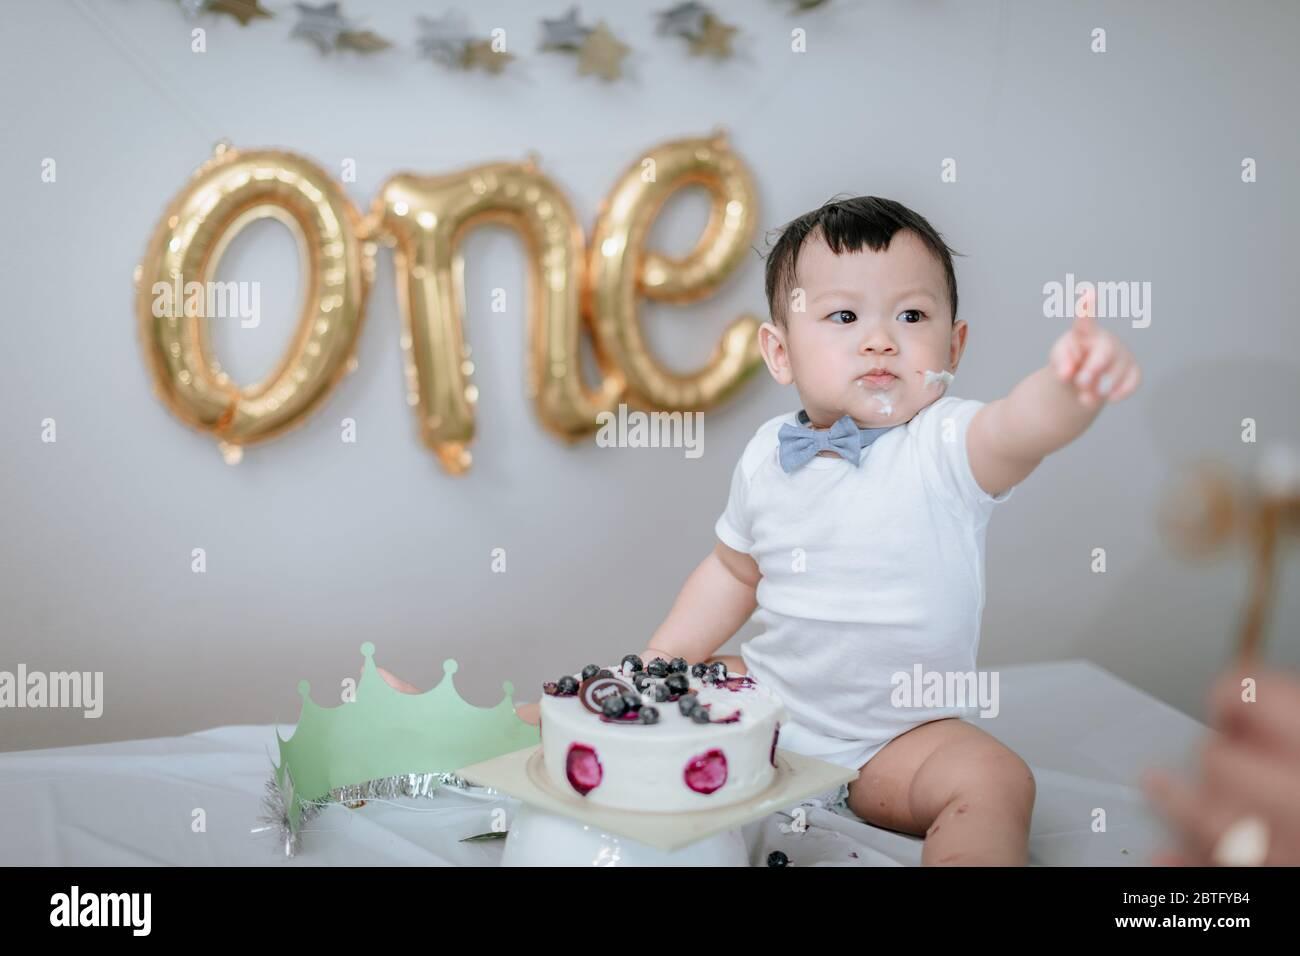 1st Birthday Party Boy Birthday Cake Smash At Home Stock Photo Alamy